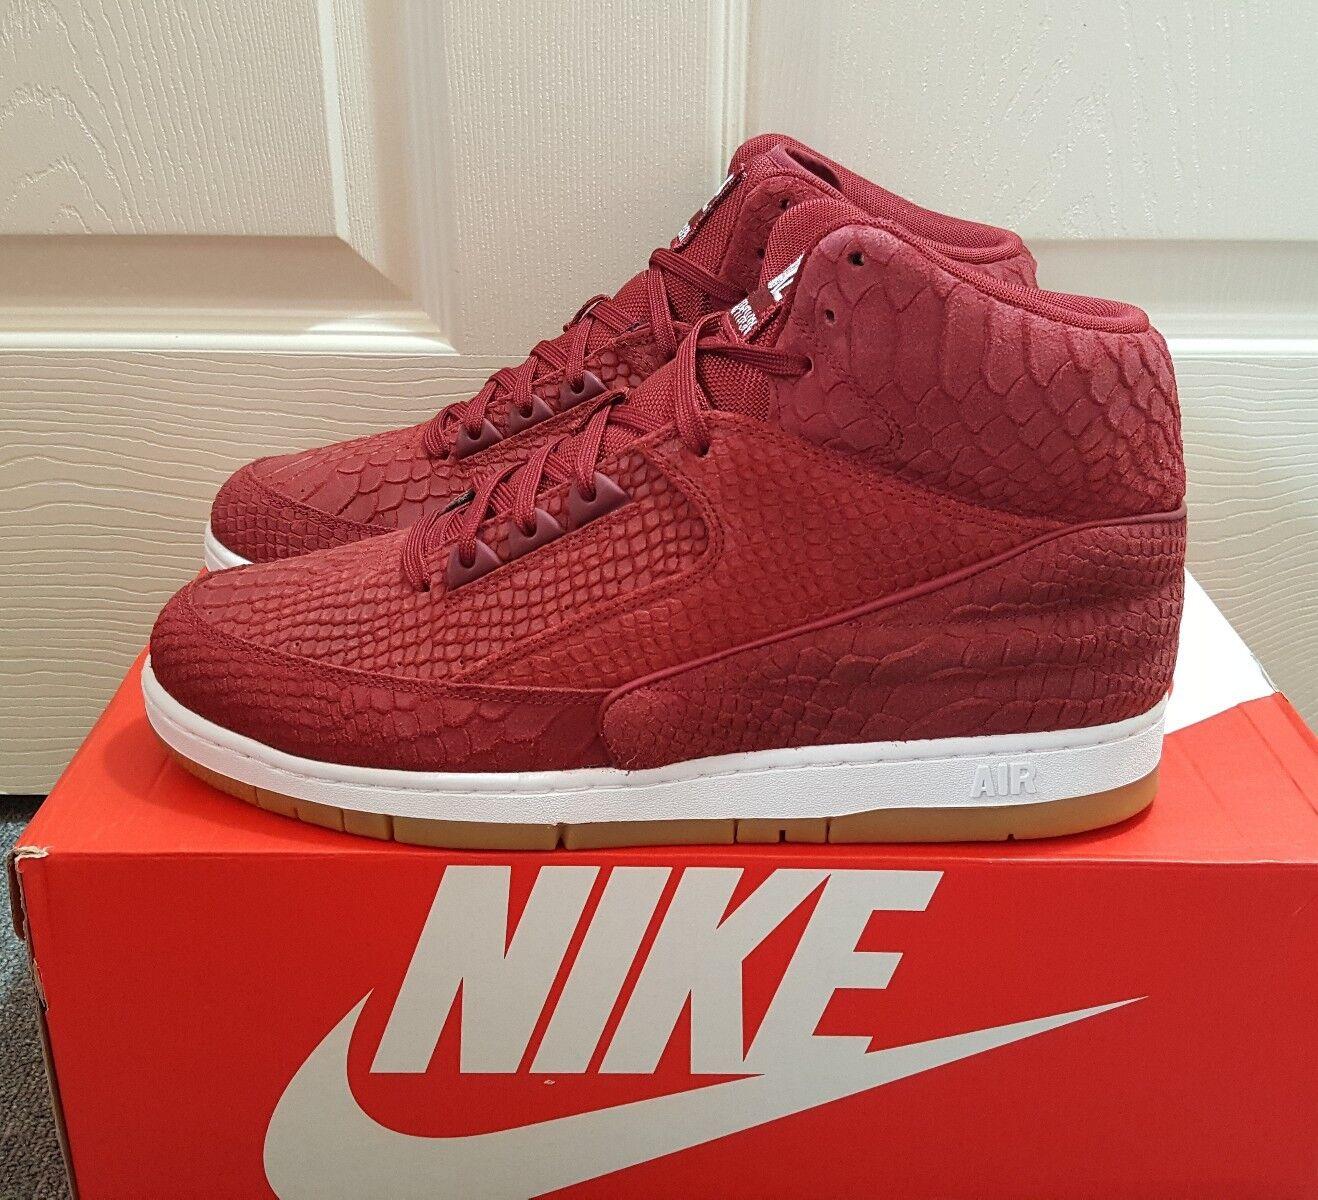 150 Nike Air Python PRM Red Men's shoes Sz 12 (705066 601)